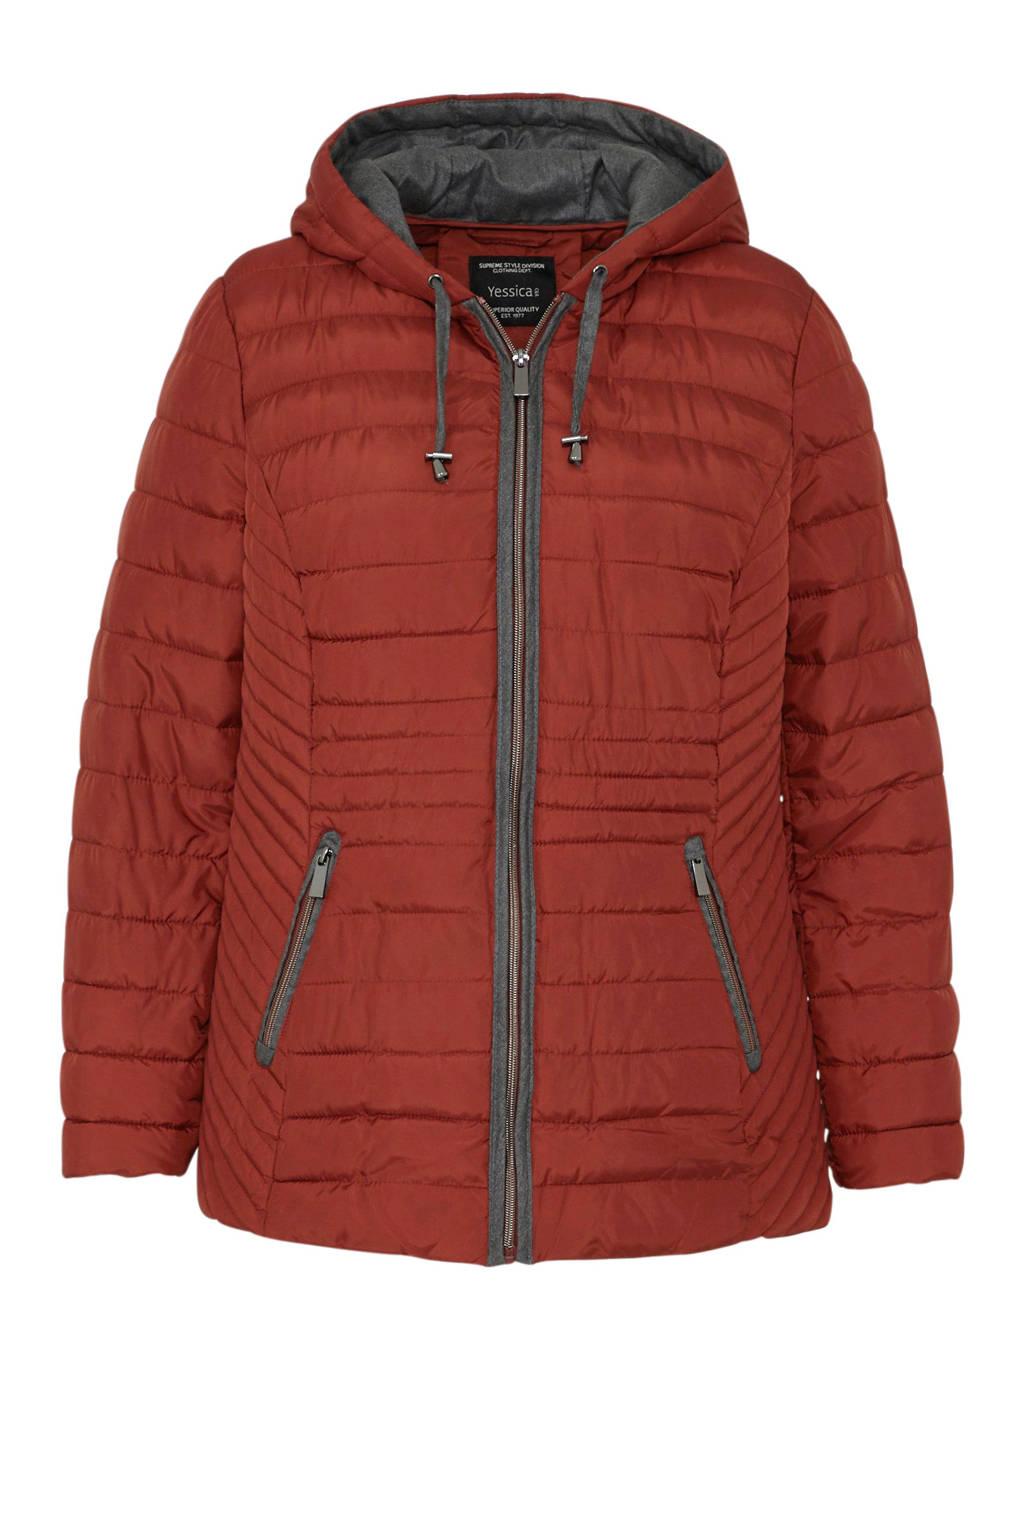 C&A XL Yessica gevoerde jas bruin, Rood